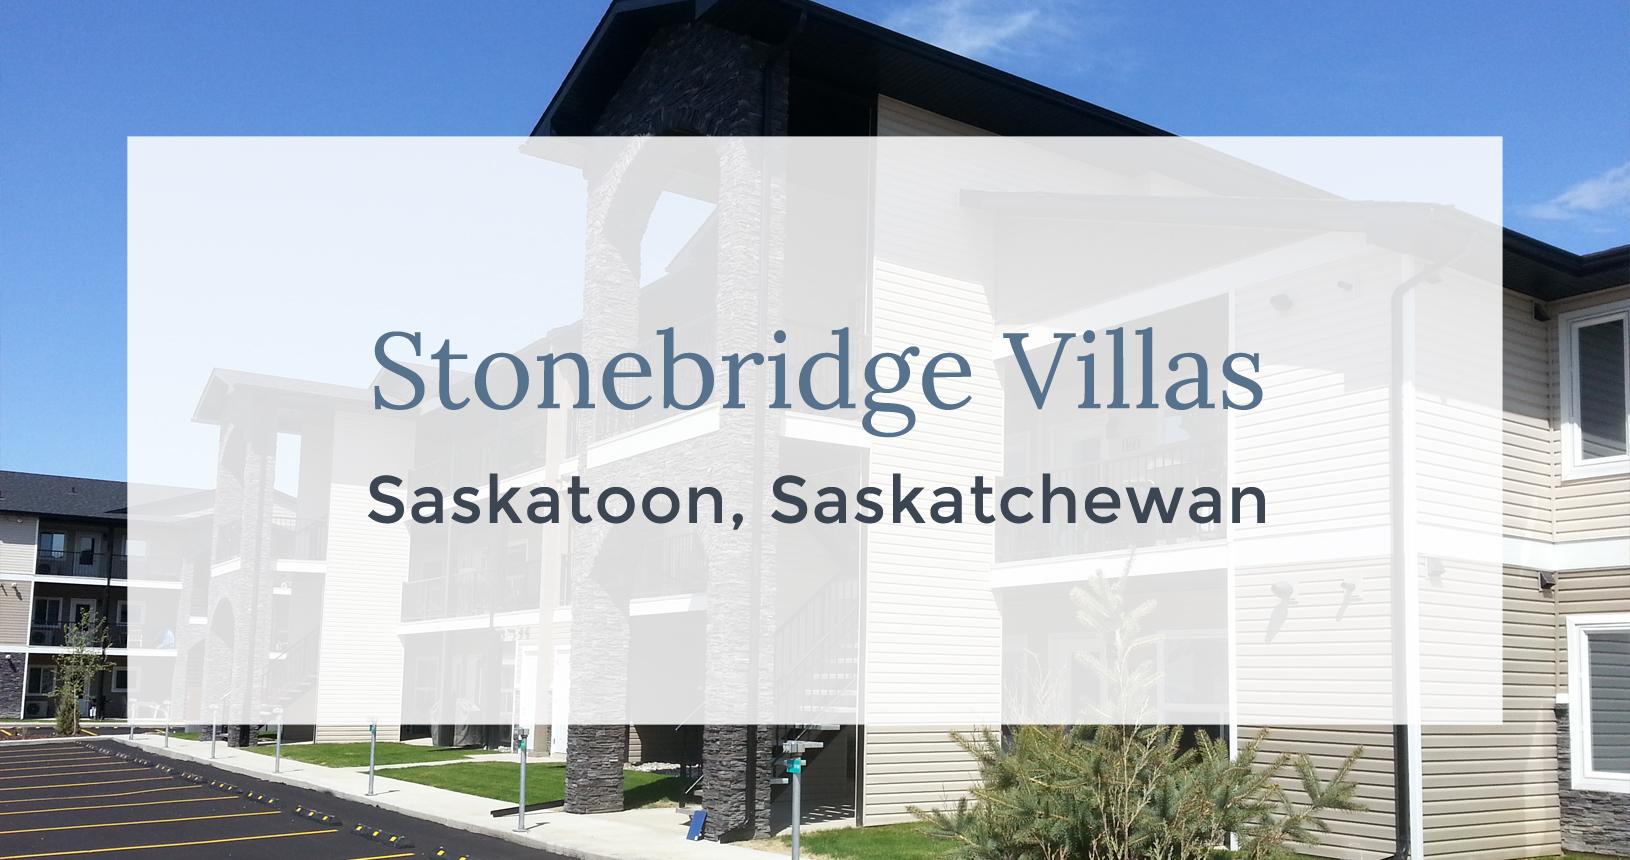 Stonebridge Villas: Saskatoon, Saskatchewan